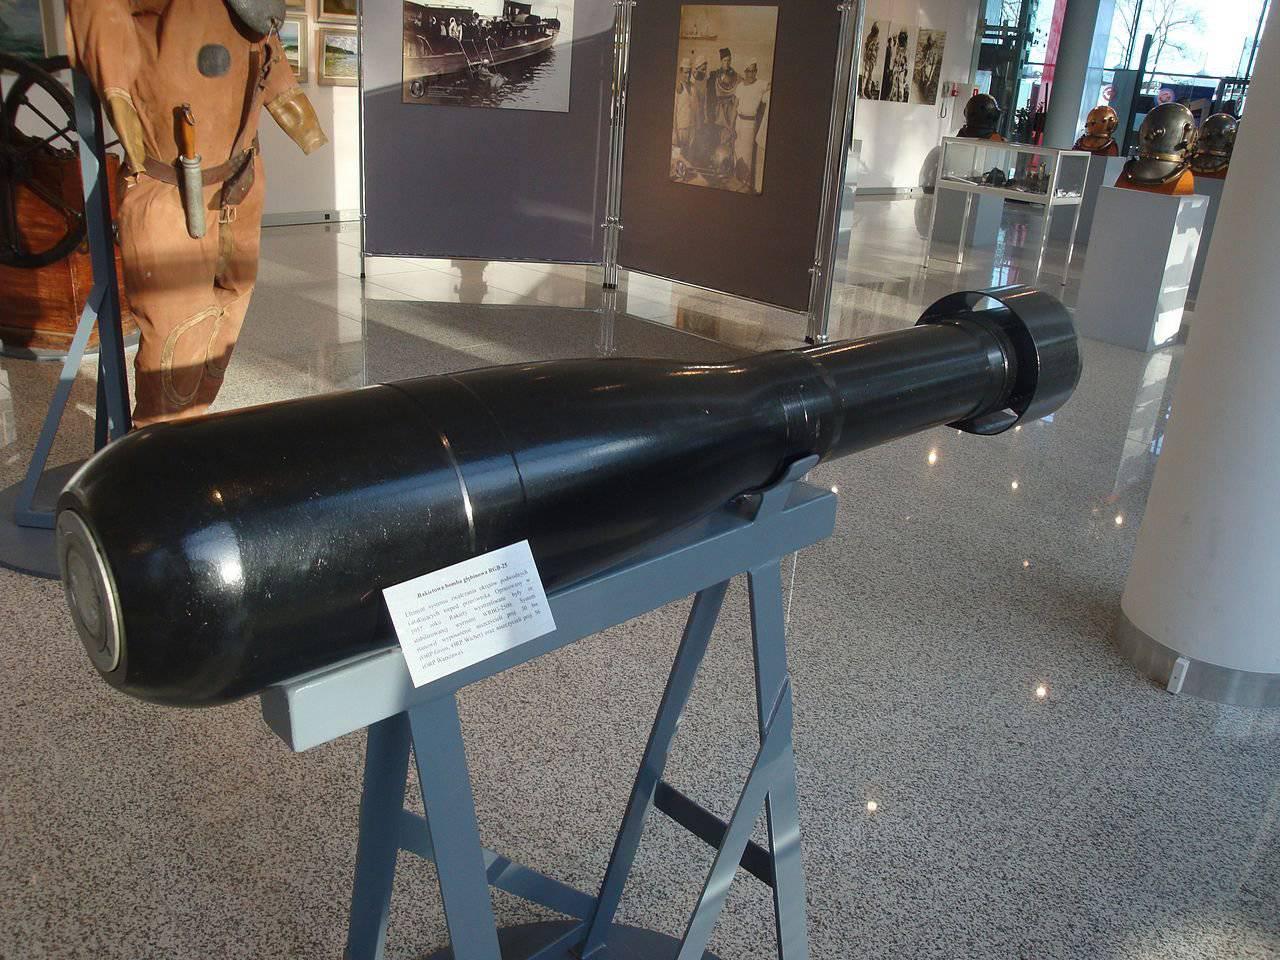 Муляж глубинной бомбы в музее